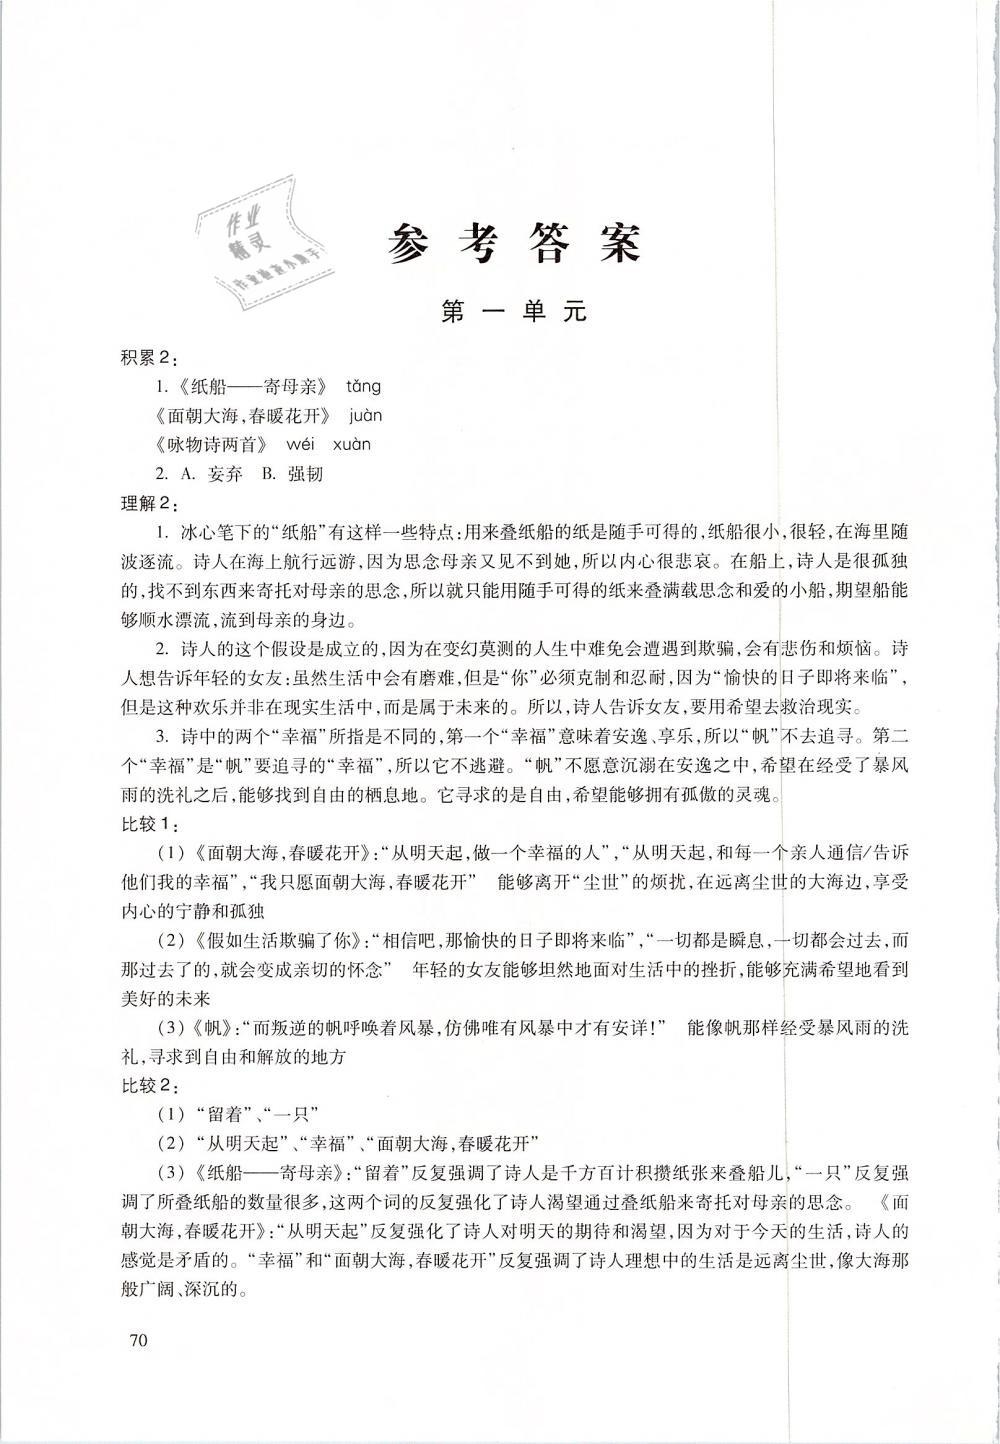 2019年语文练习部分九年级第二学期沪教版第1页